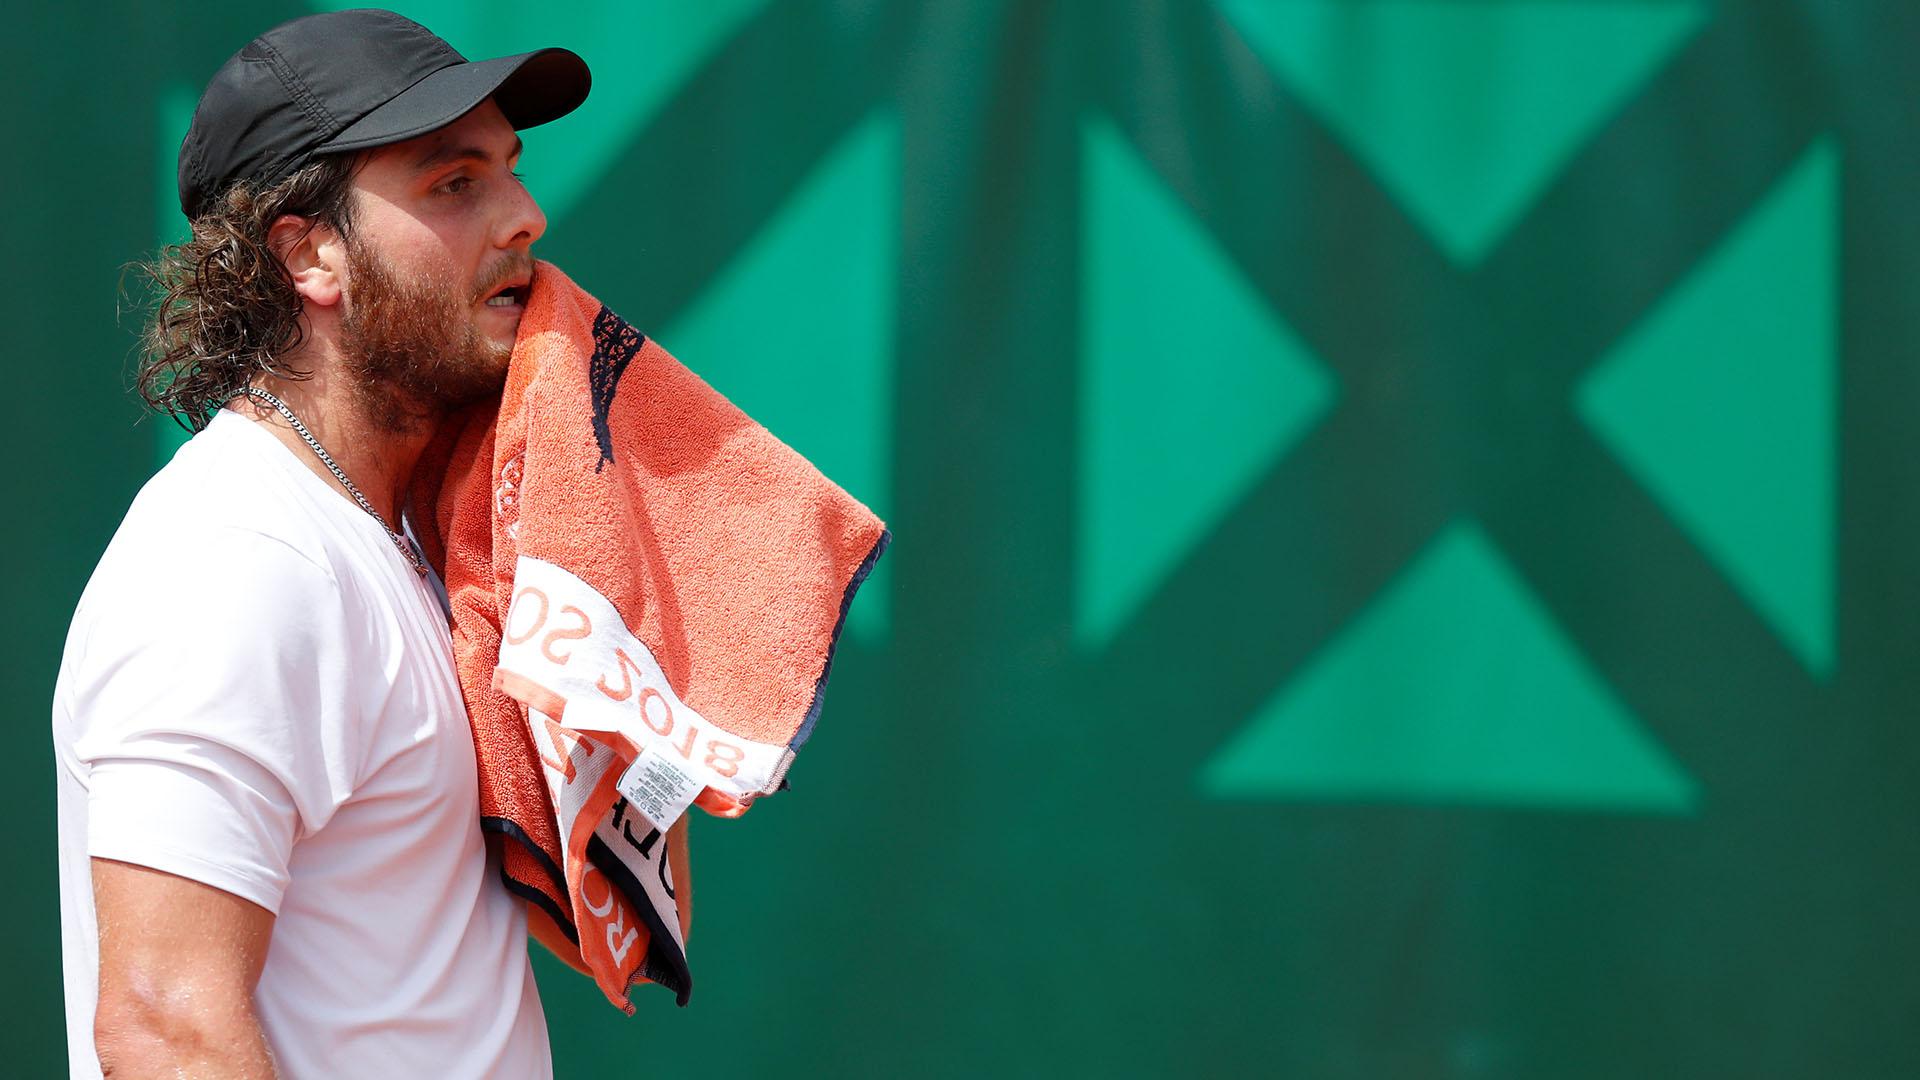 El nacido en Santiago del Estero había ganado en el debut (Reuters)